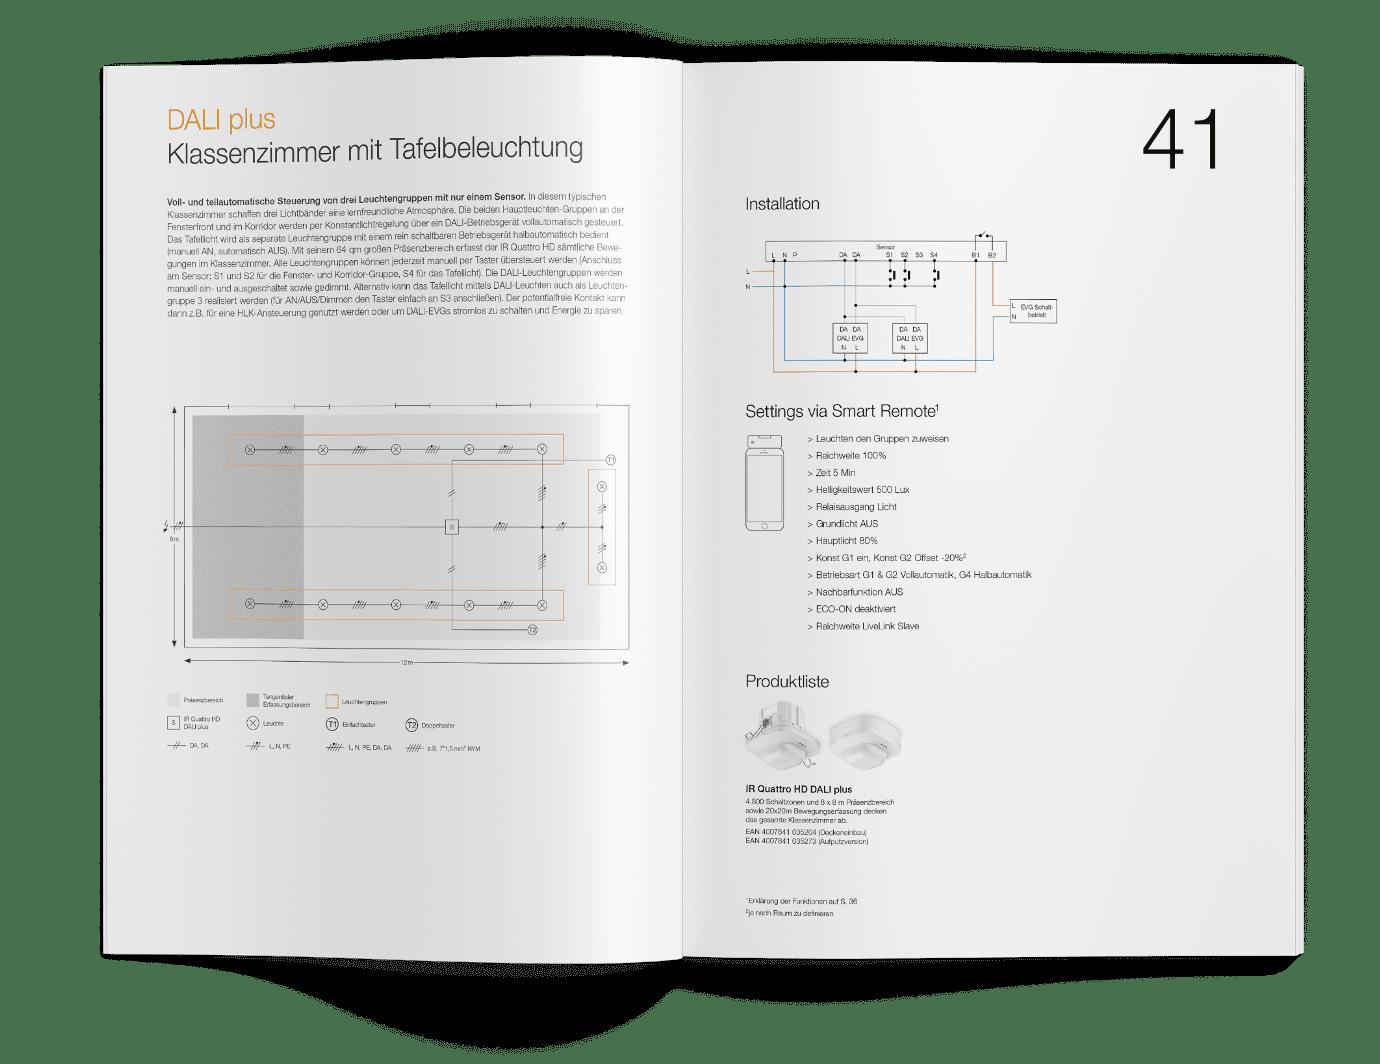 Ausschnitt der Planer-Broschüre mit dem Beispiel für Klassenzimmer